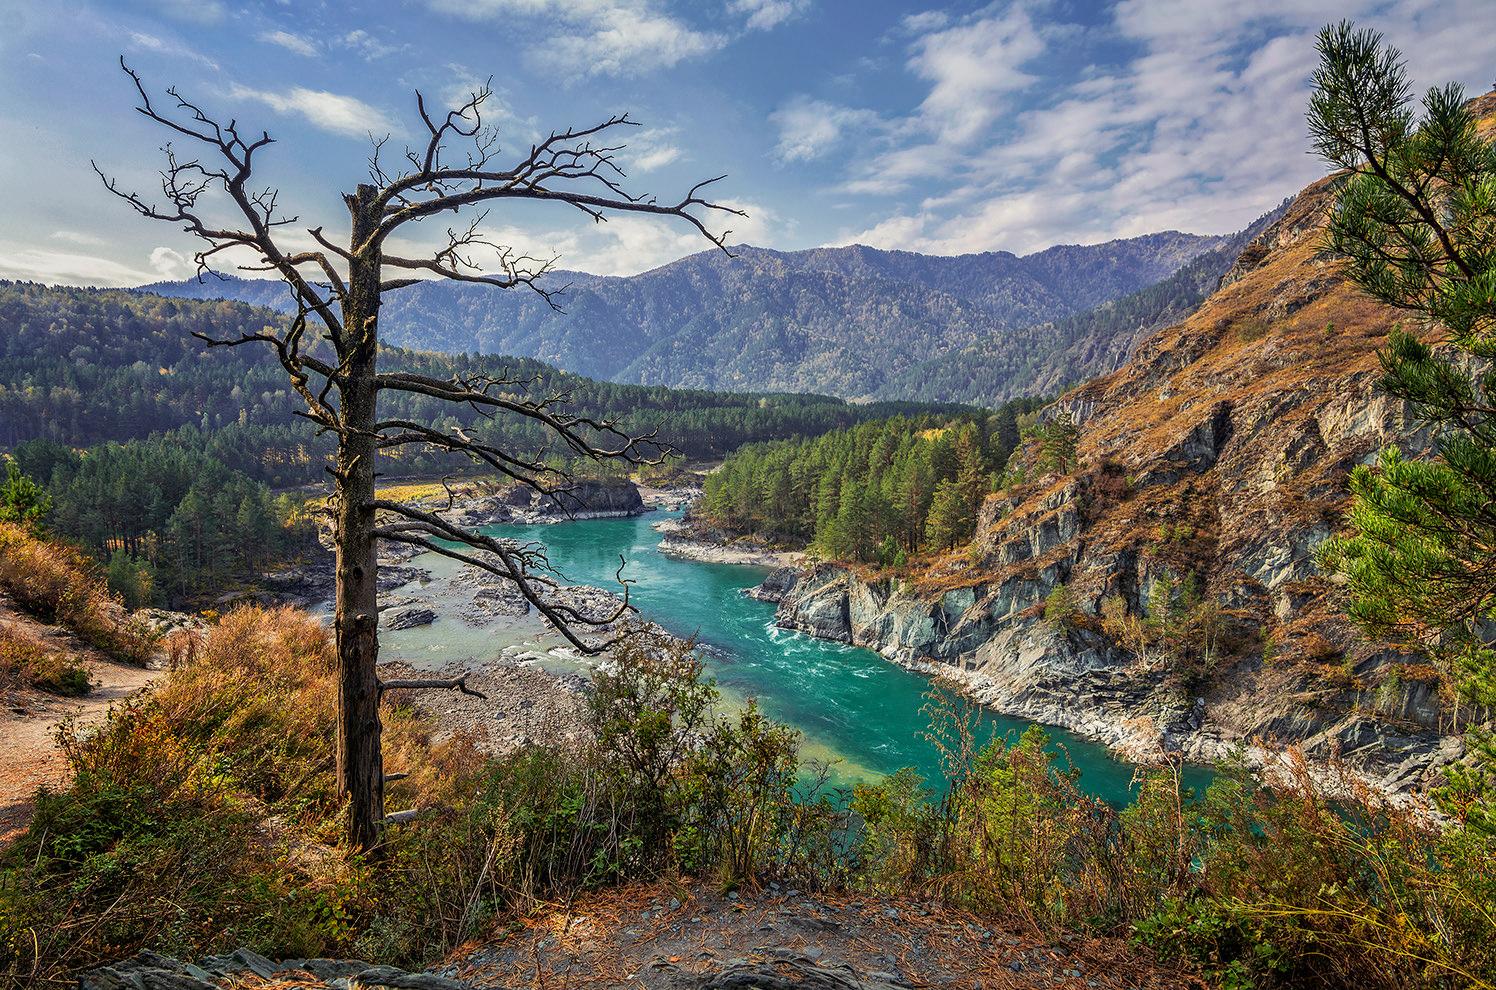 фото реки катунь в горном харизма окружено сегодня